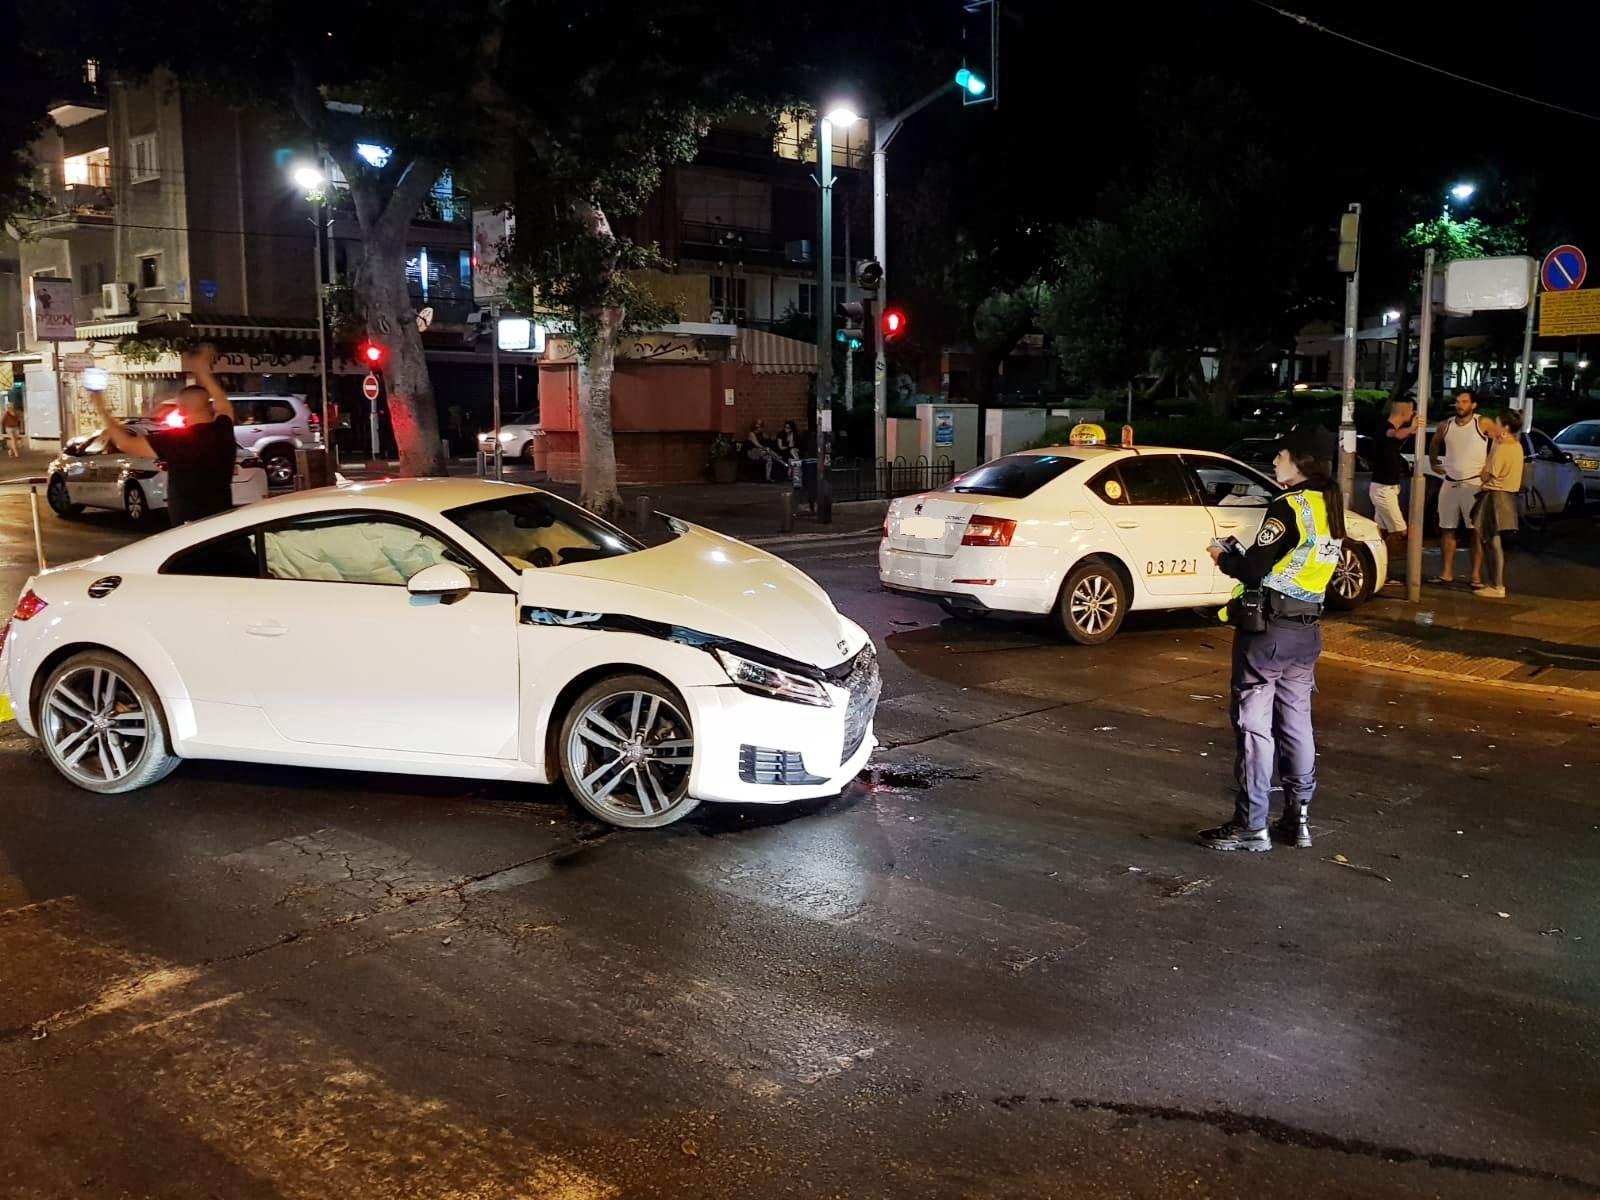 Photo of תאונה קשה ברחוב דיזנגוף בתל אביב, הנפגעים פונו לבית החולים